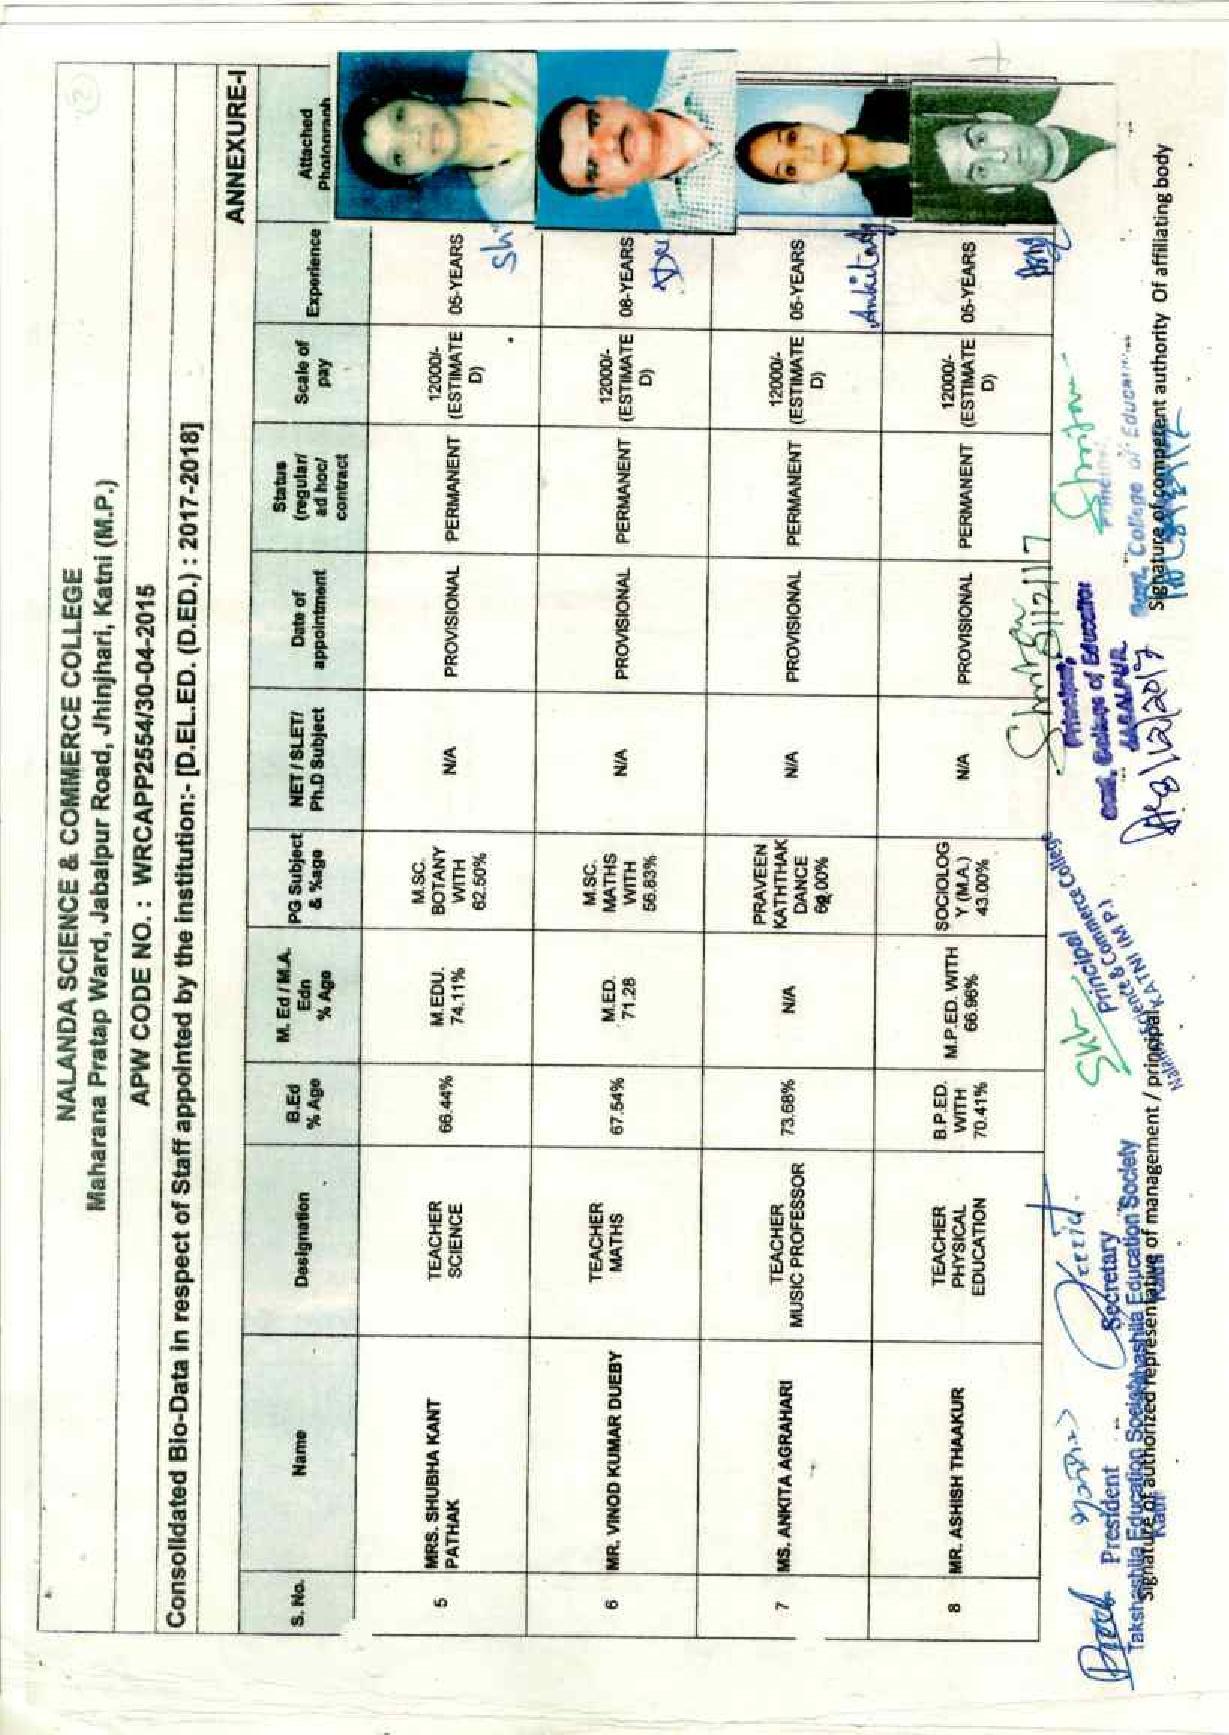 D. eD Staff List